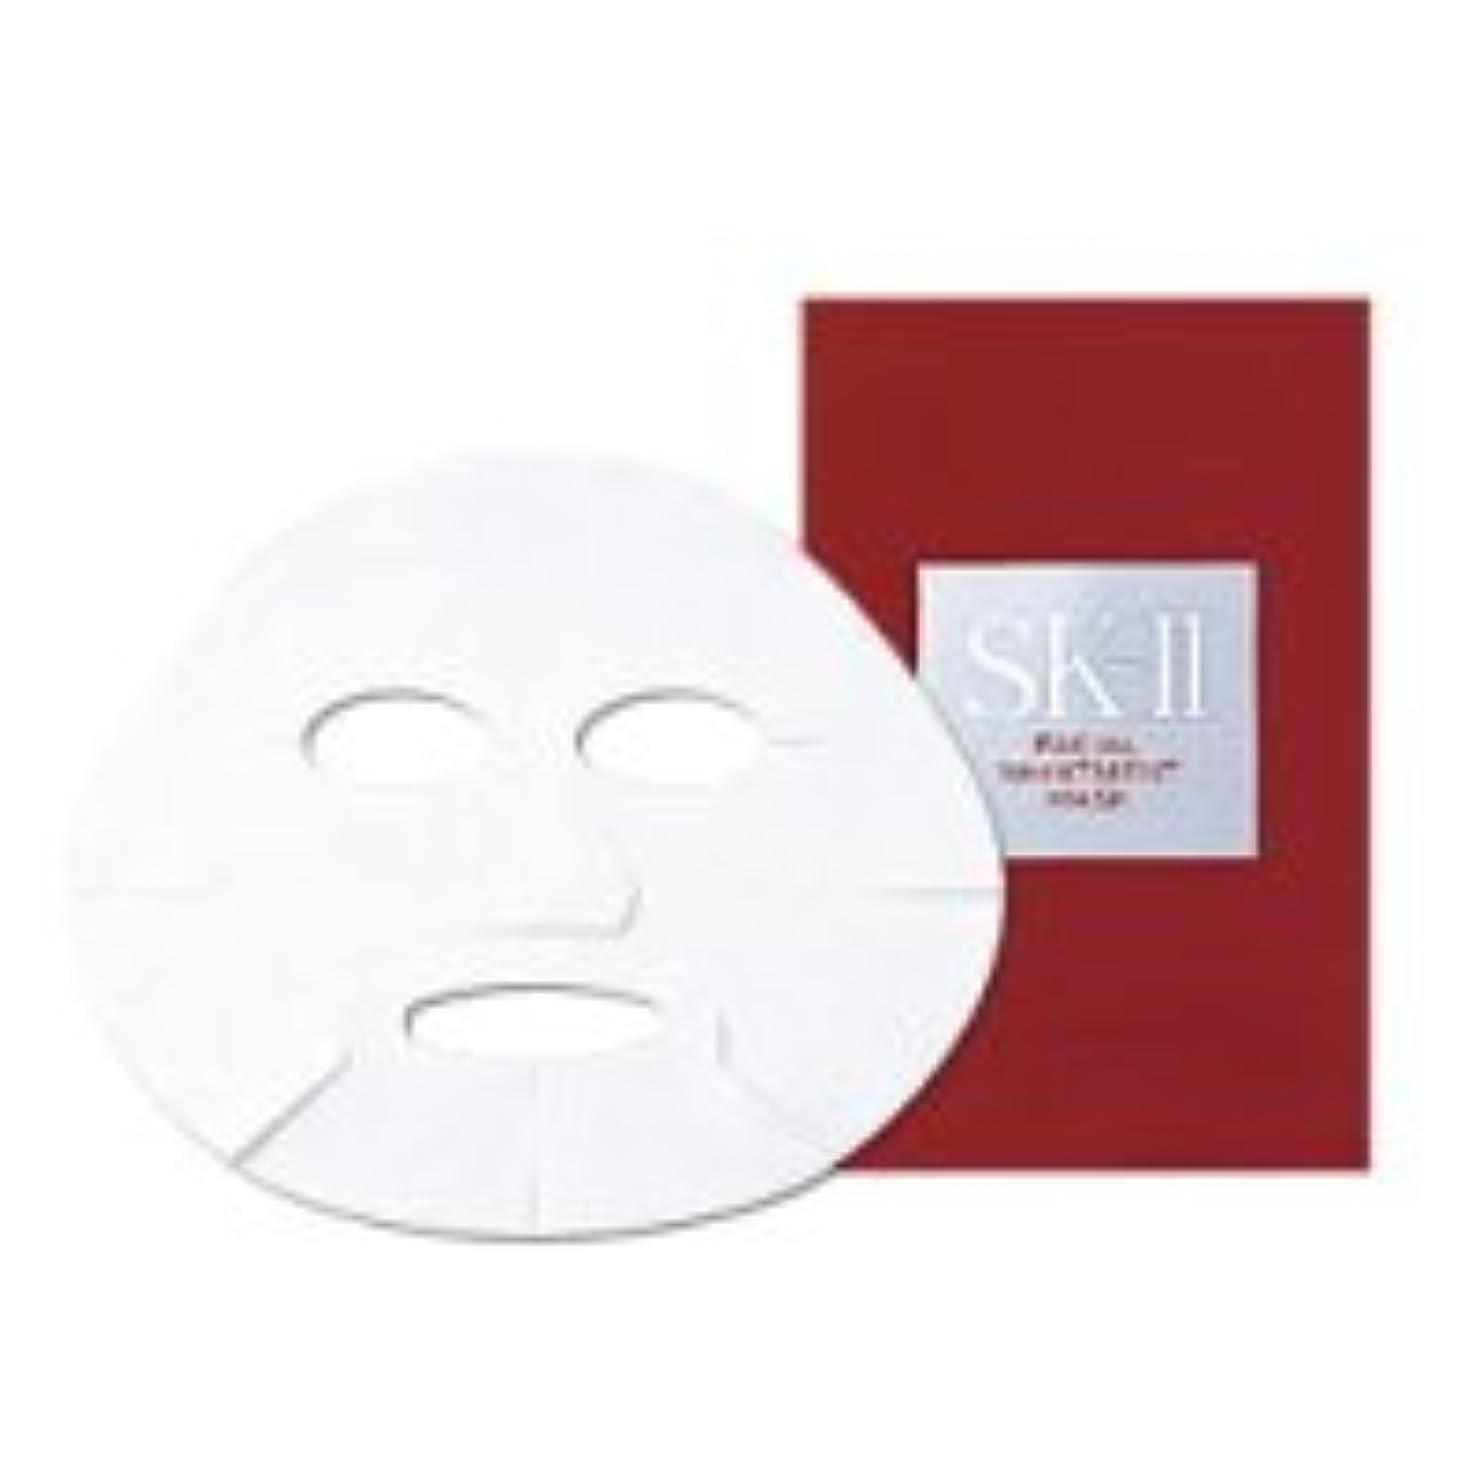 数学的なスピンクラシカルSK-2マスク フェイシャルトリートメント マスク6枚 ( SK-II ) 【並行輸入品】